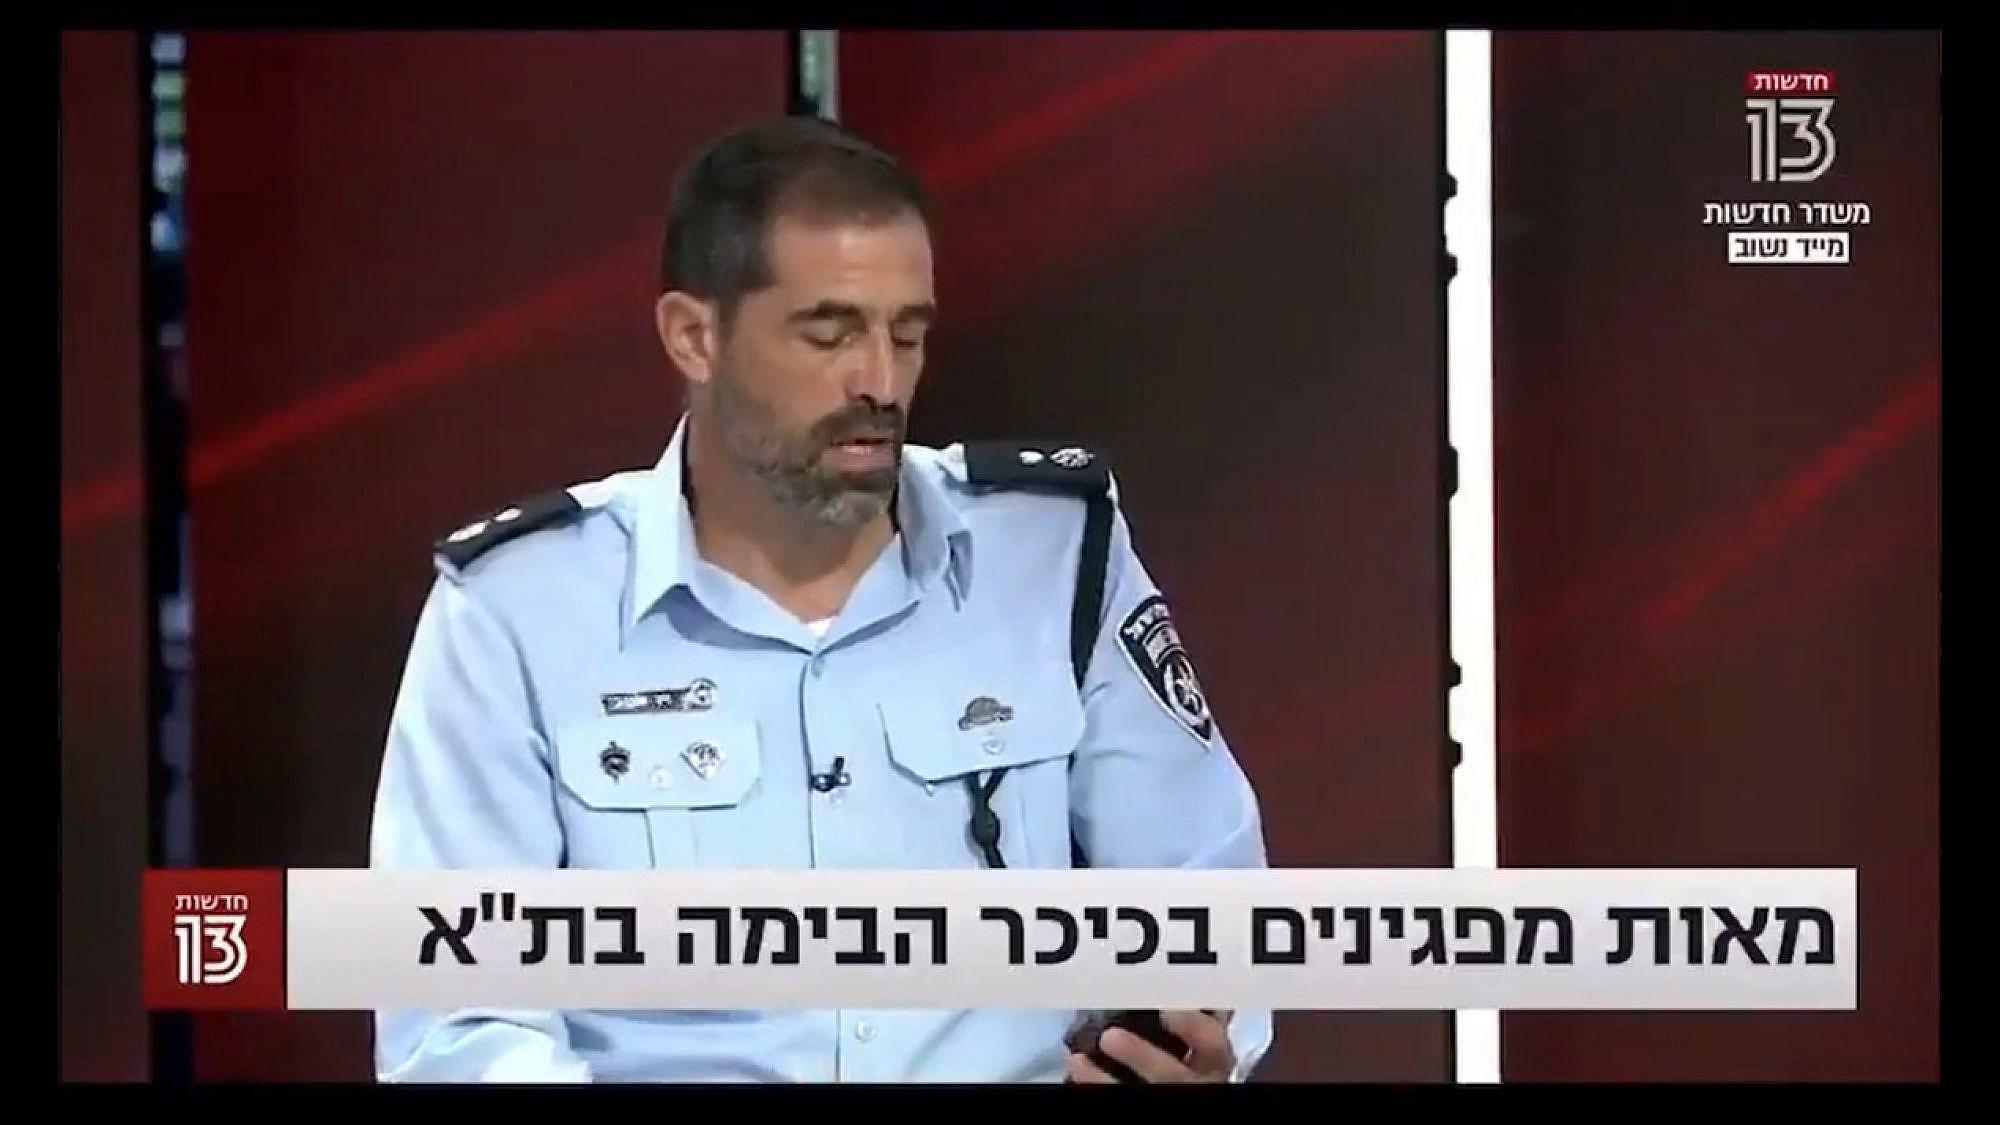 """מפיצים את נגיף הפייק ניוז. סנ""""צ זיו שגיב והווטסאפ שלו בחדשות 13 (צילום מסך)"""